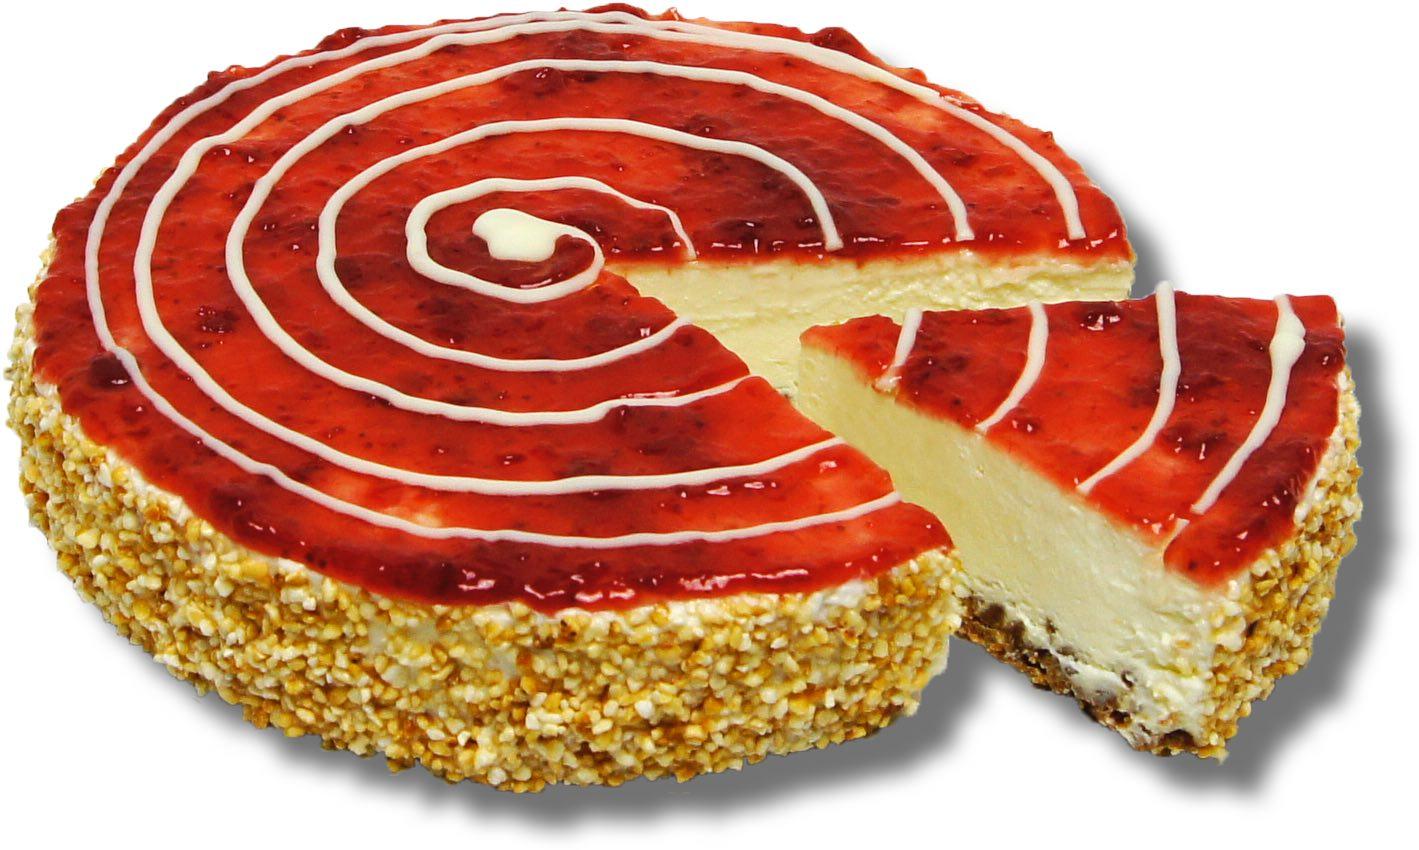 Cheesecake Erdbeer